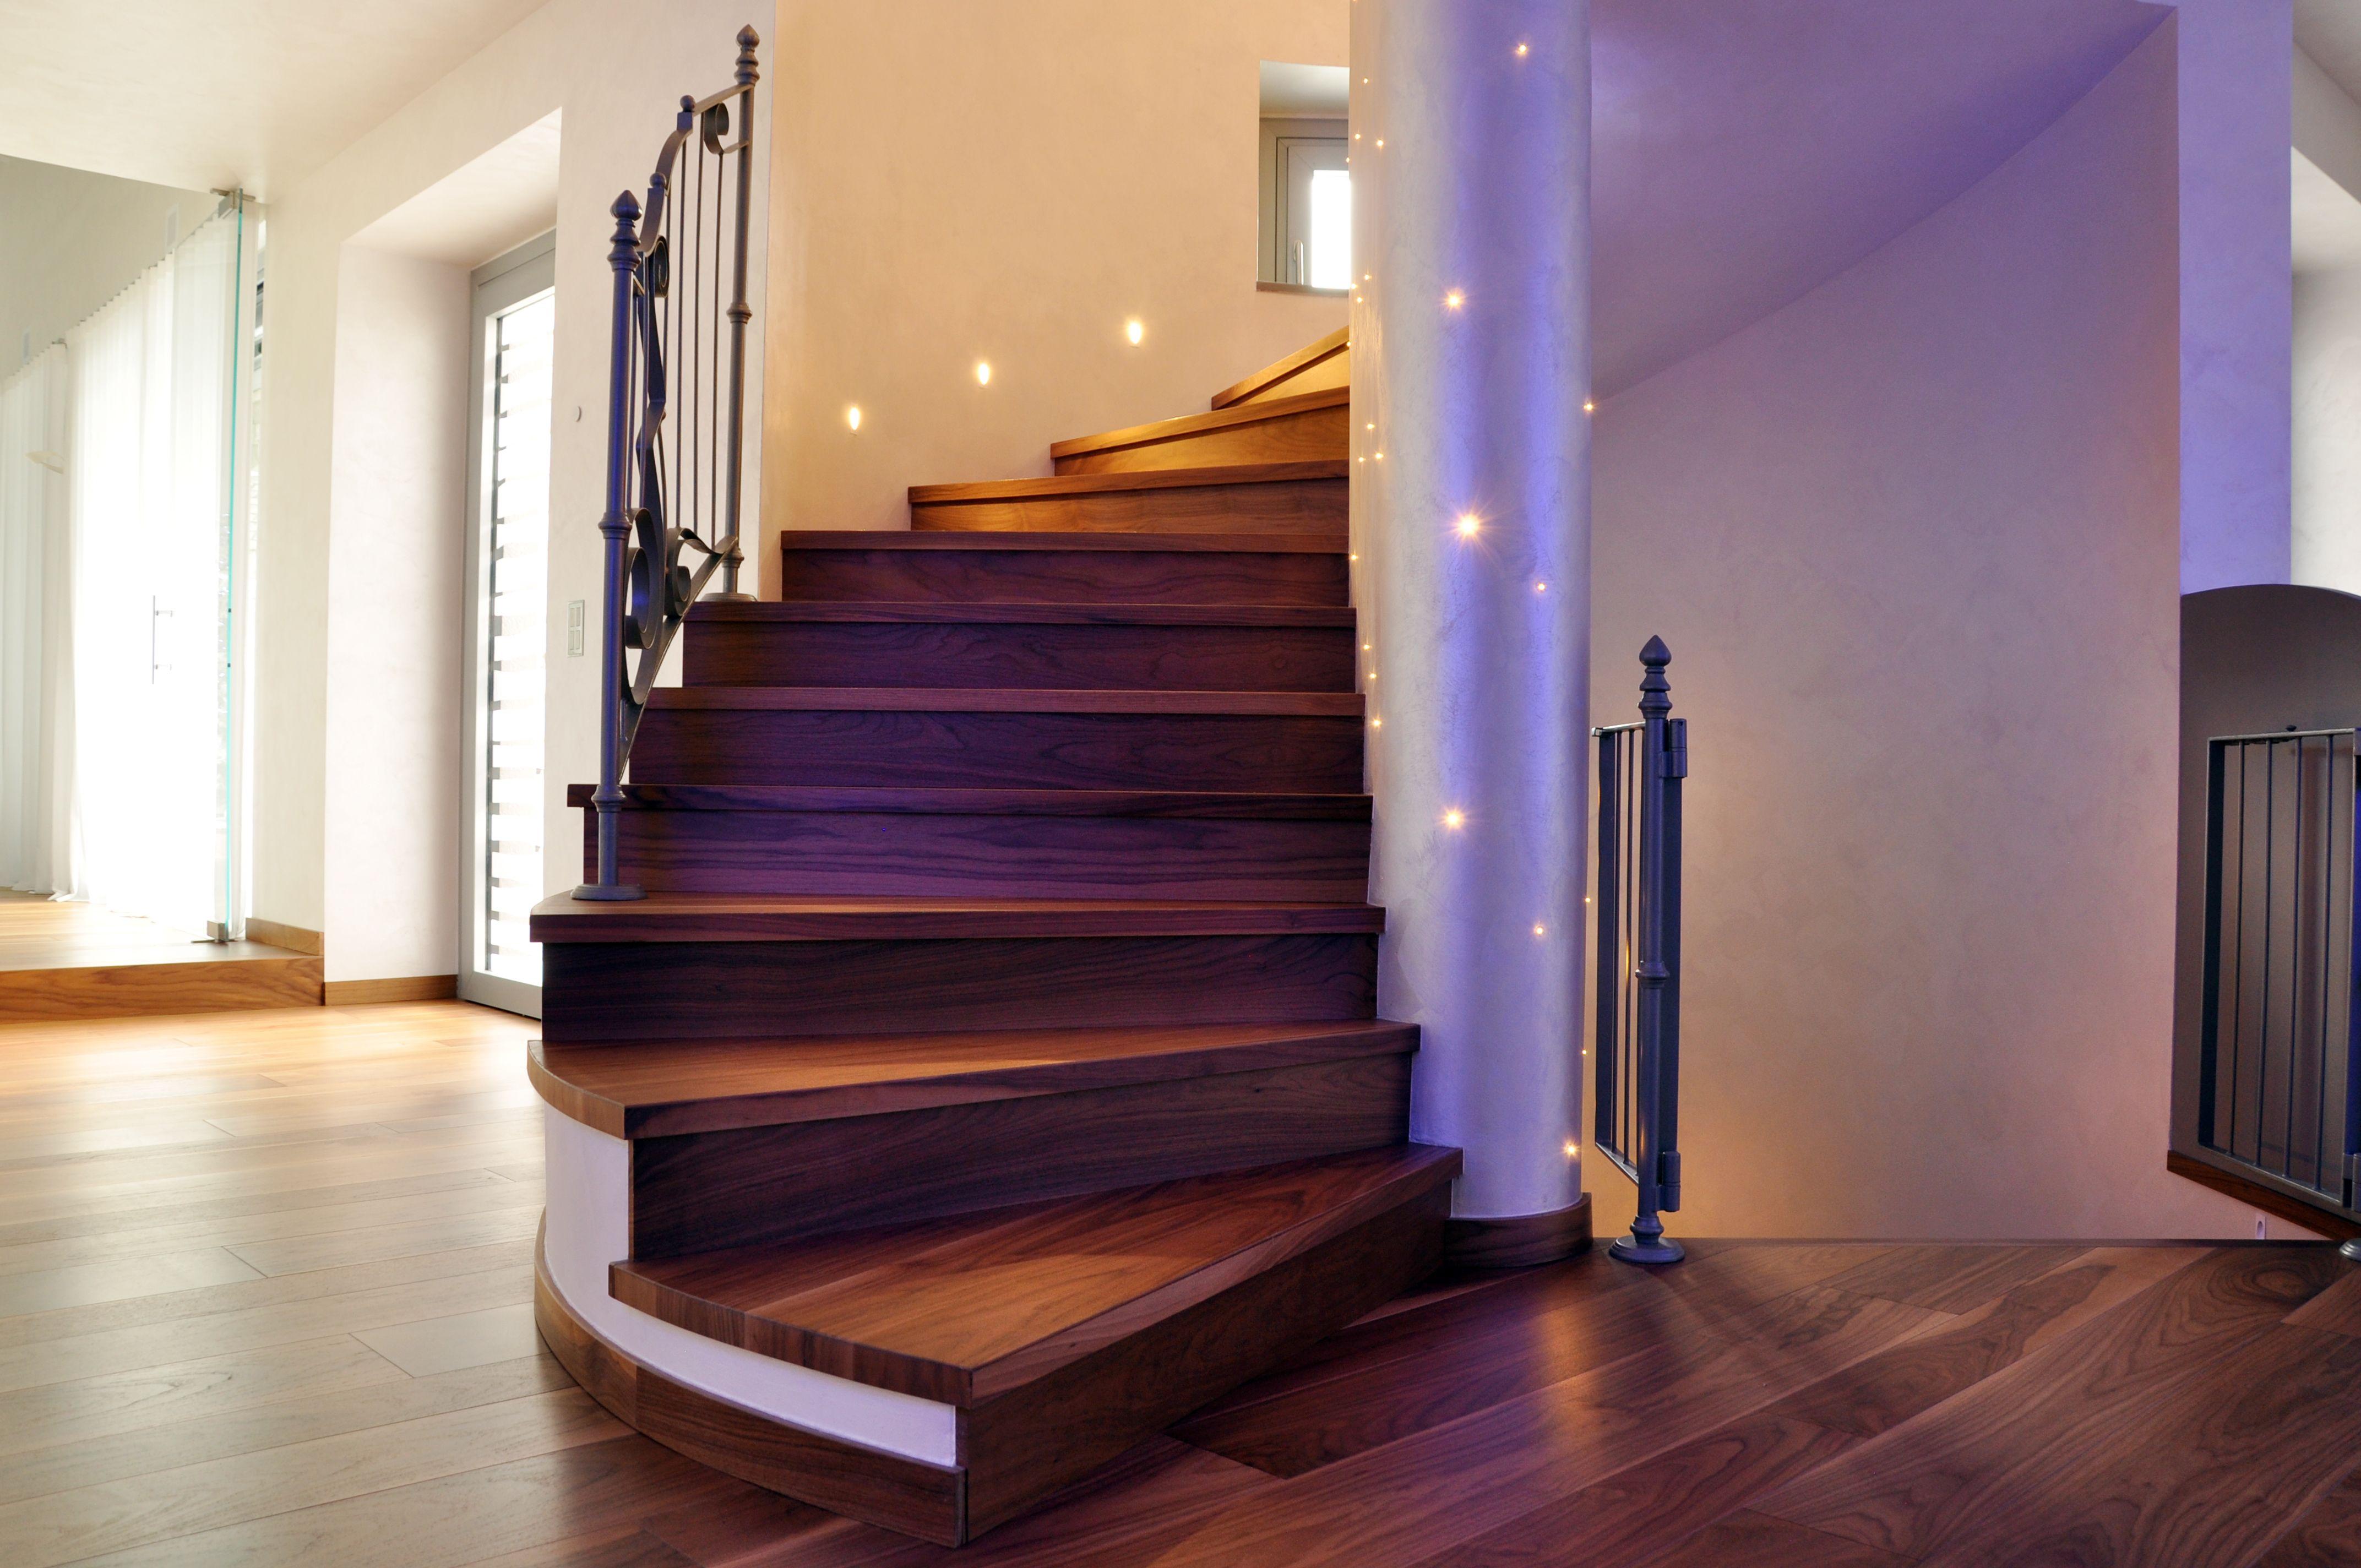 Nuova edificazione villa unifamiliare Vano scala Particolare illuminazione Maria Teresa Azzola Designer